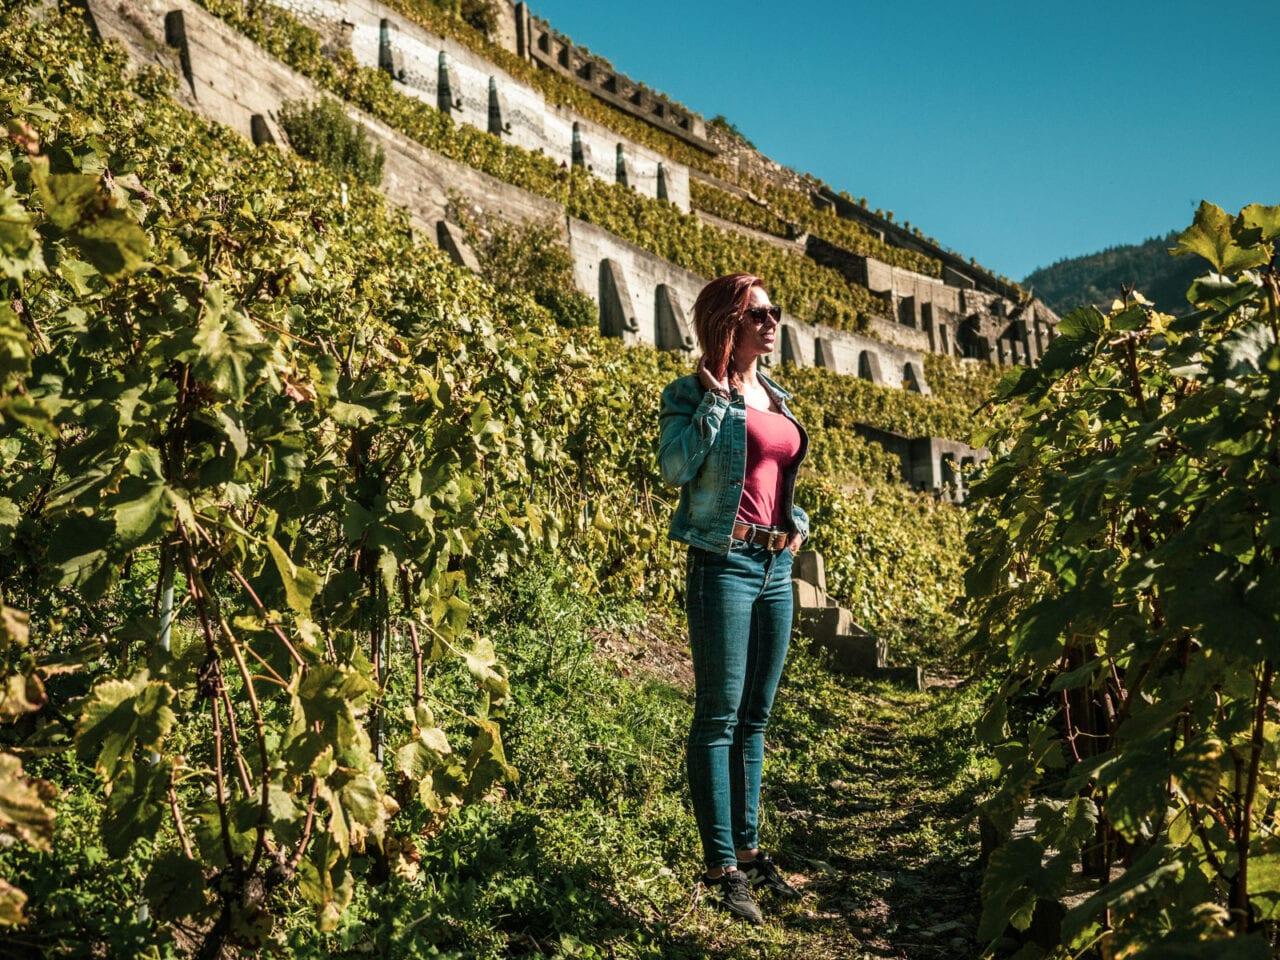 szwajcaria-ceny-winnice